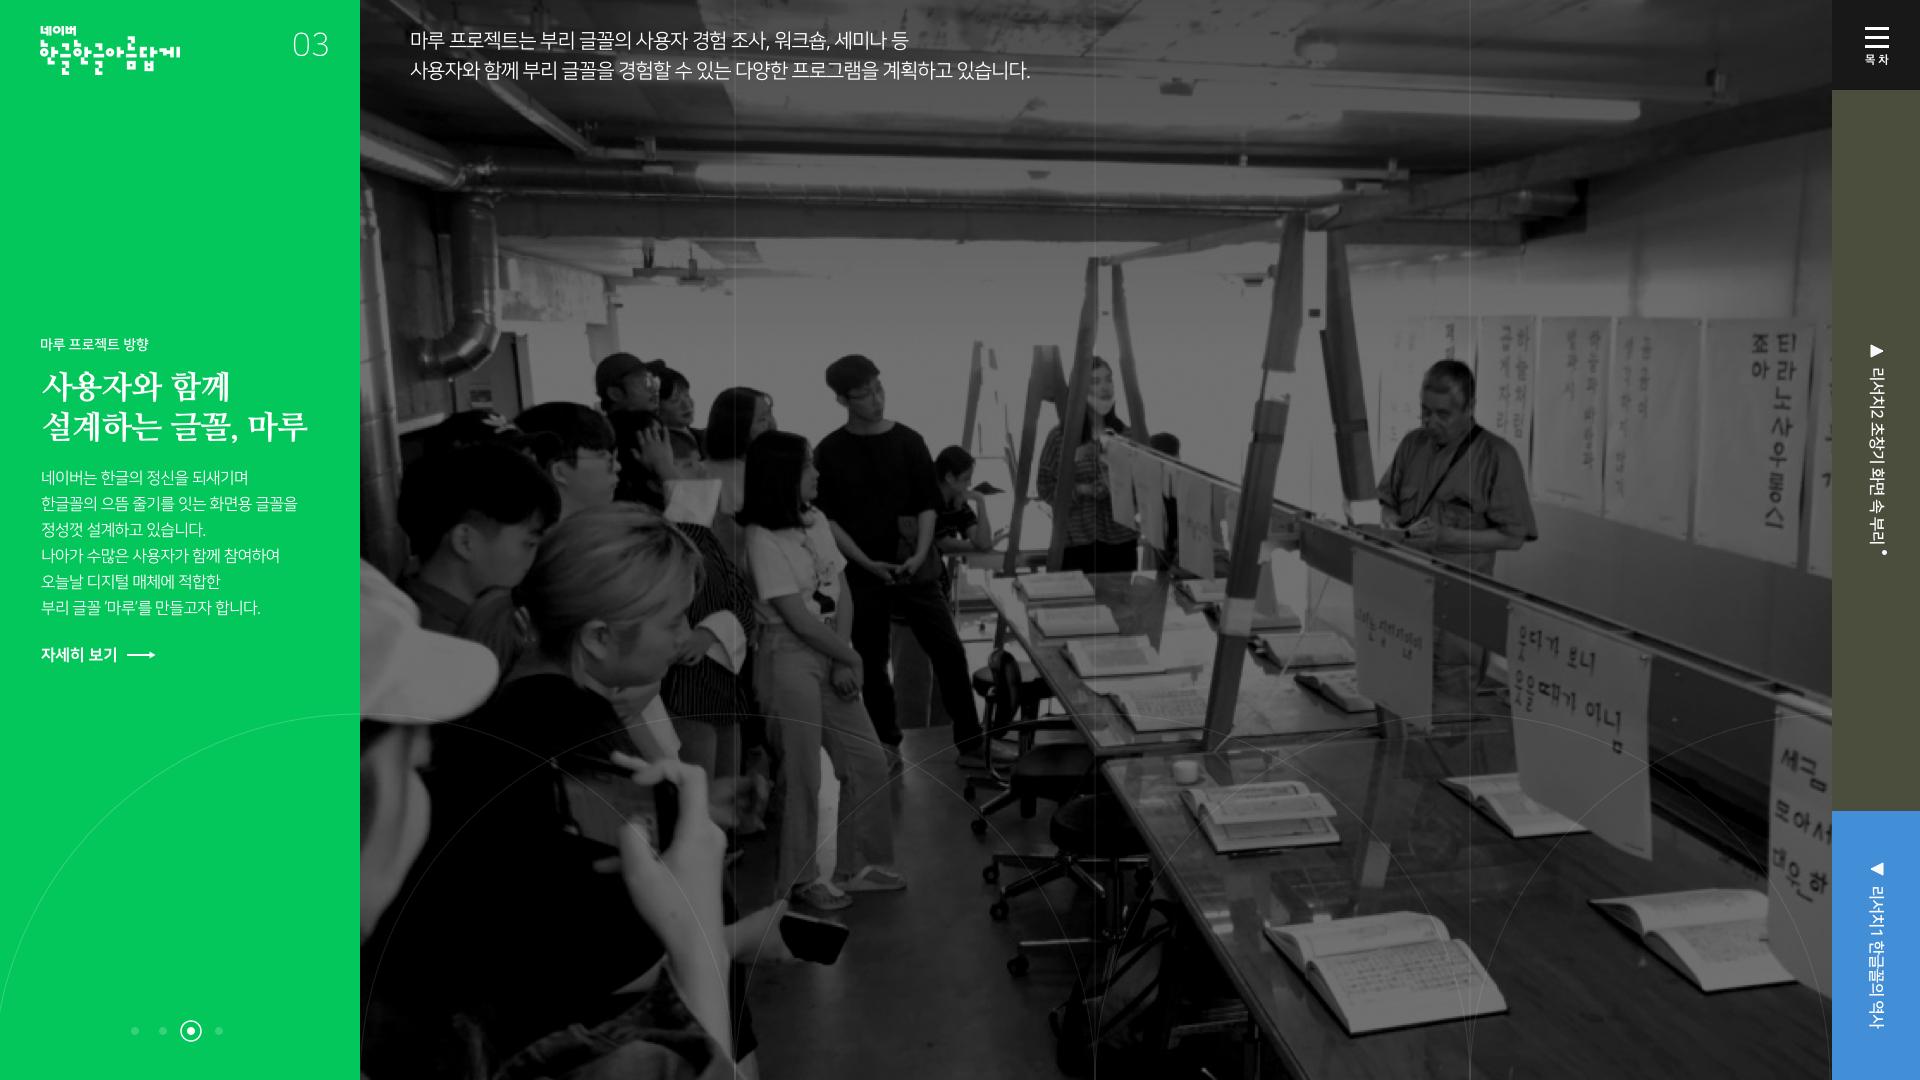 사진: 파주타이포그라피학교 <옛글자멋짓기 수업>, 안그라픽스 제공, 2019